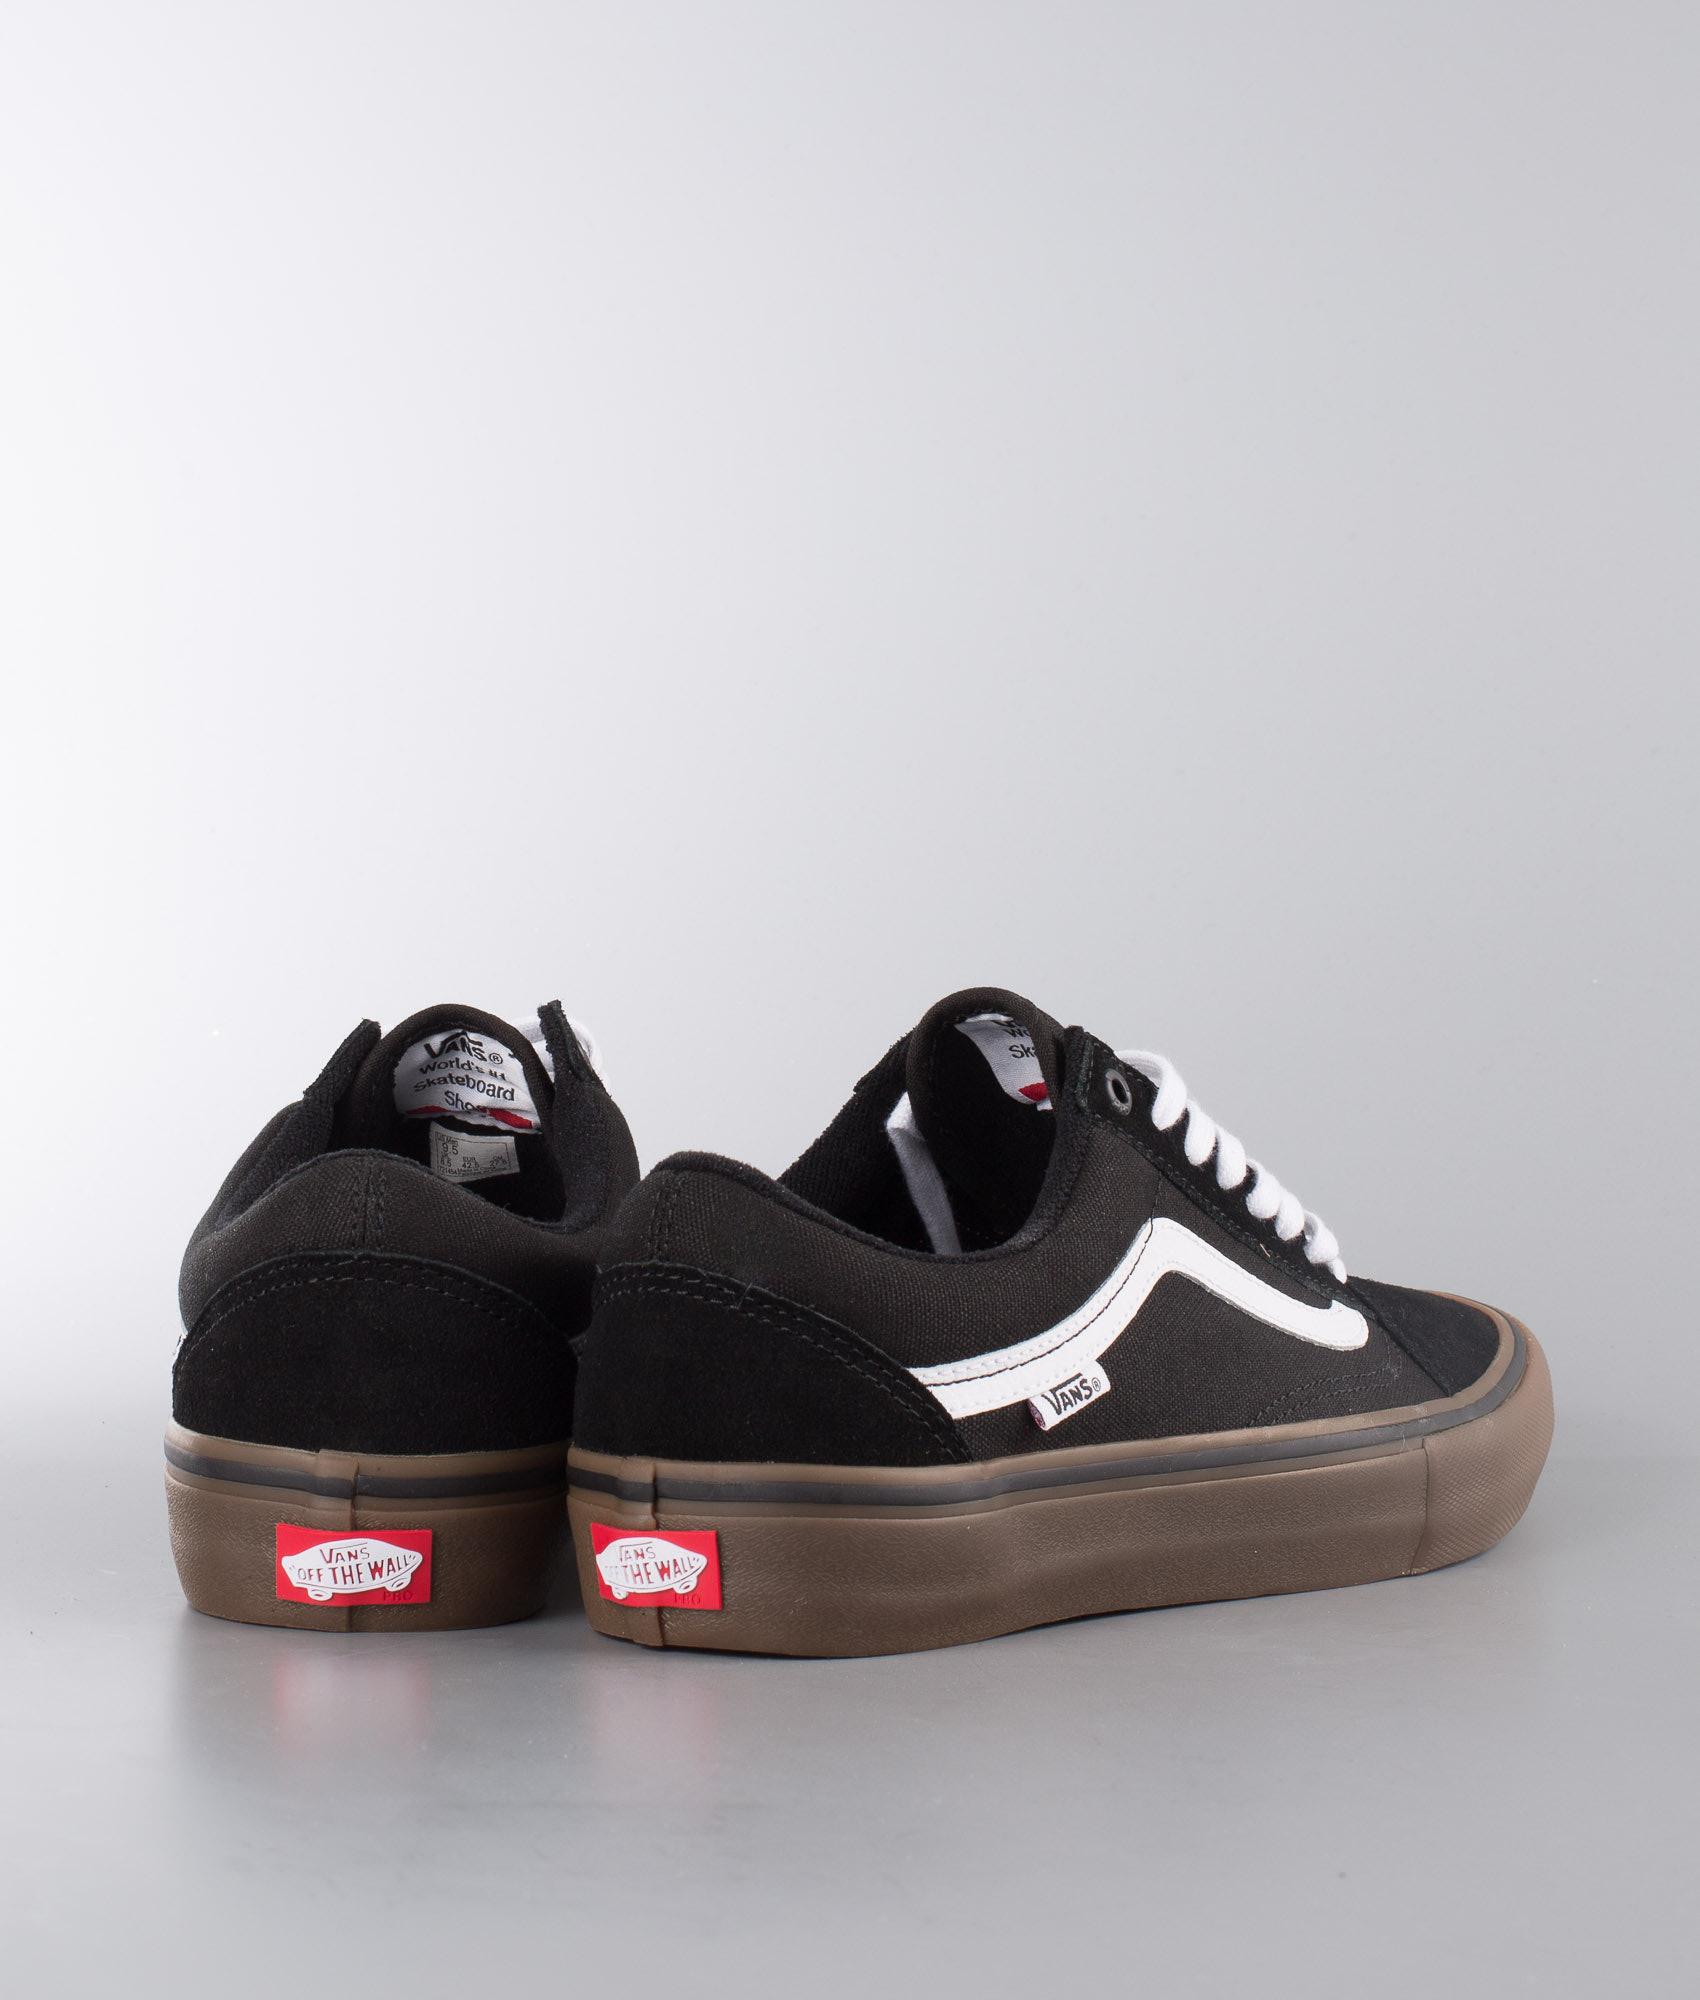 0ca06efedce5 Vans Old Skool Pro Shoes Black White Medium Gum - Ridestore.com